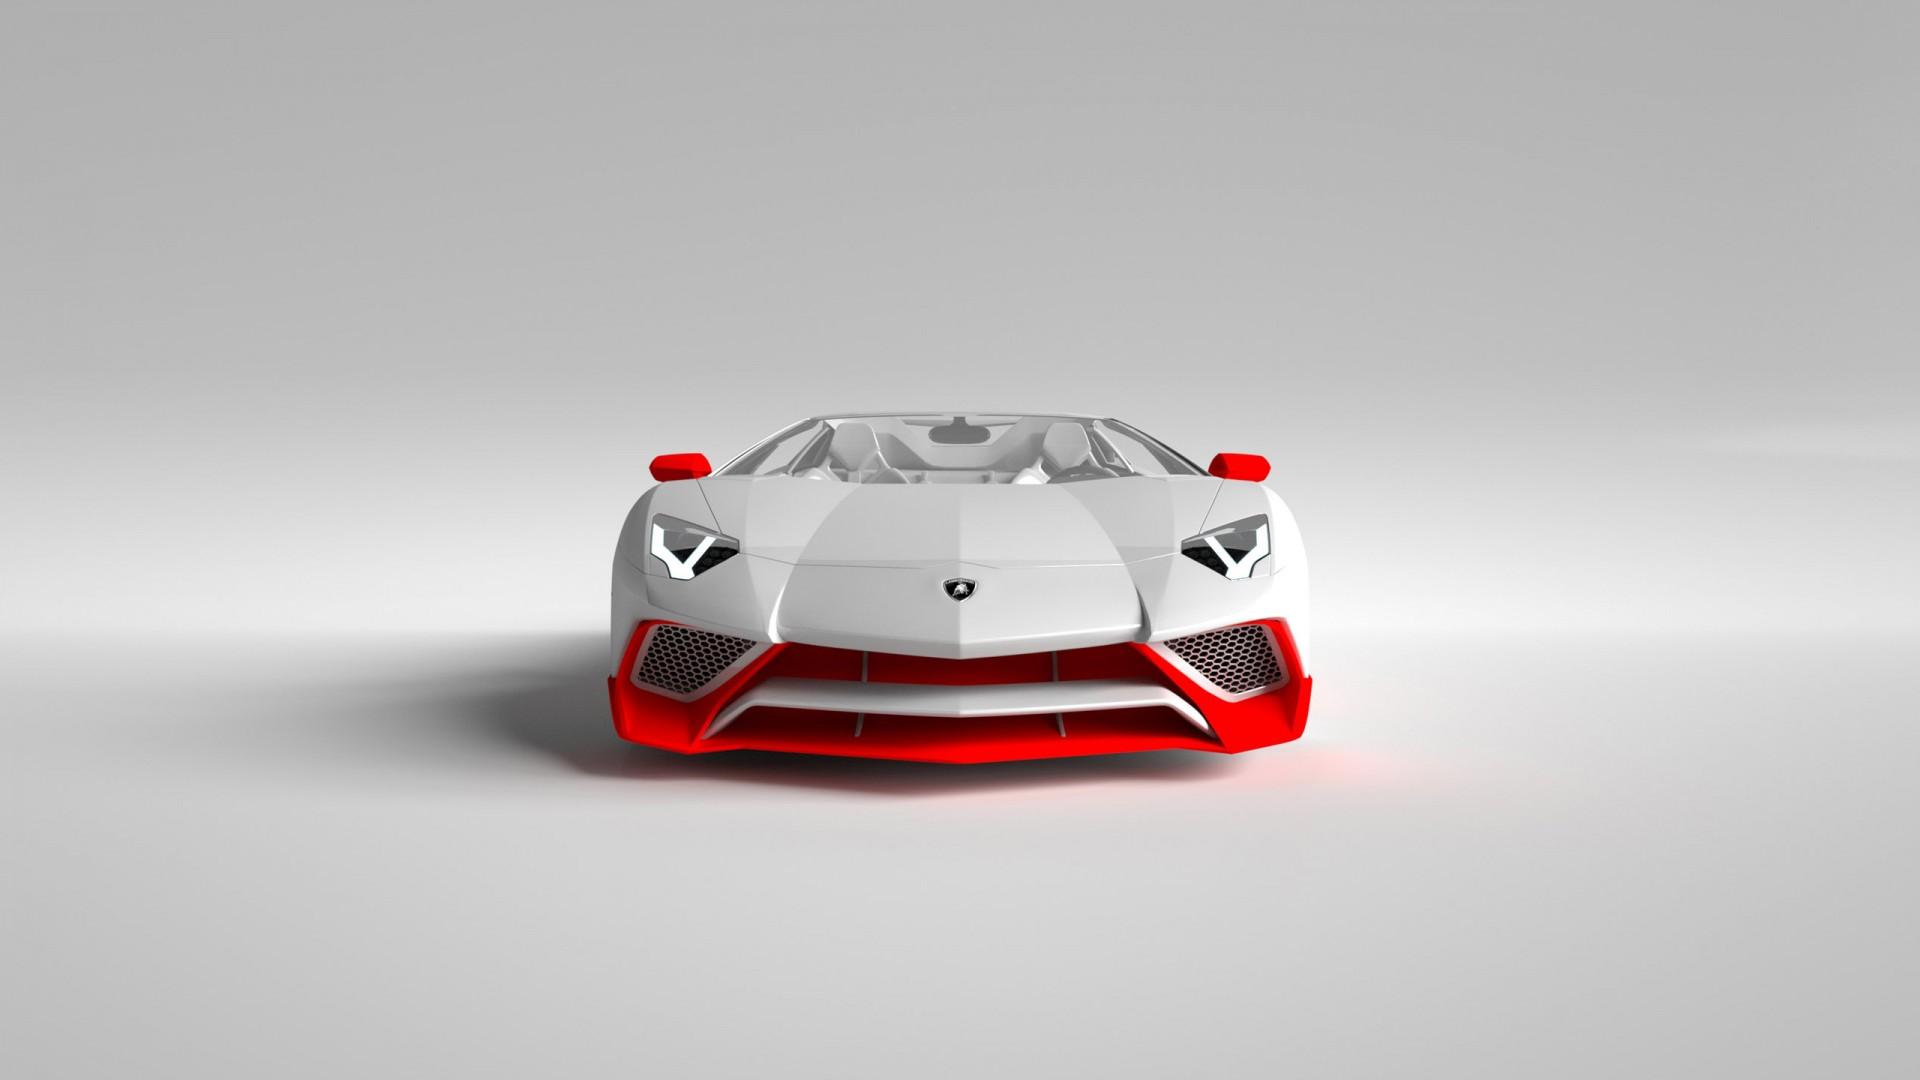 Audi Iphone X Wallpaper 2016 Vitesse Audessus Lamborghini Aventador Lp750 4 Sv